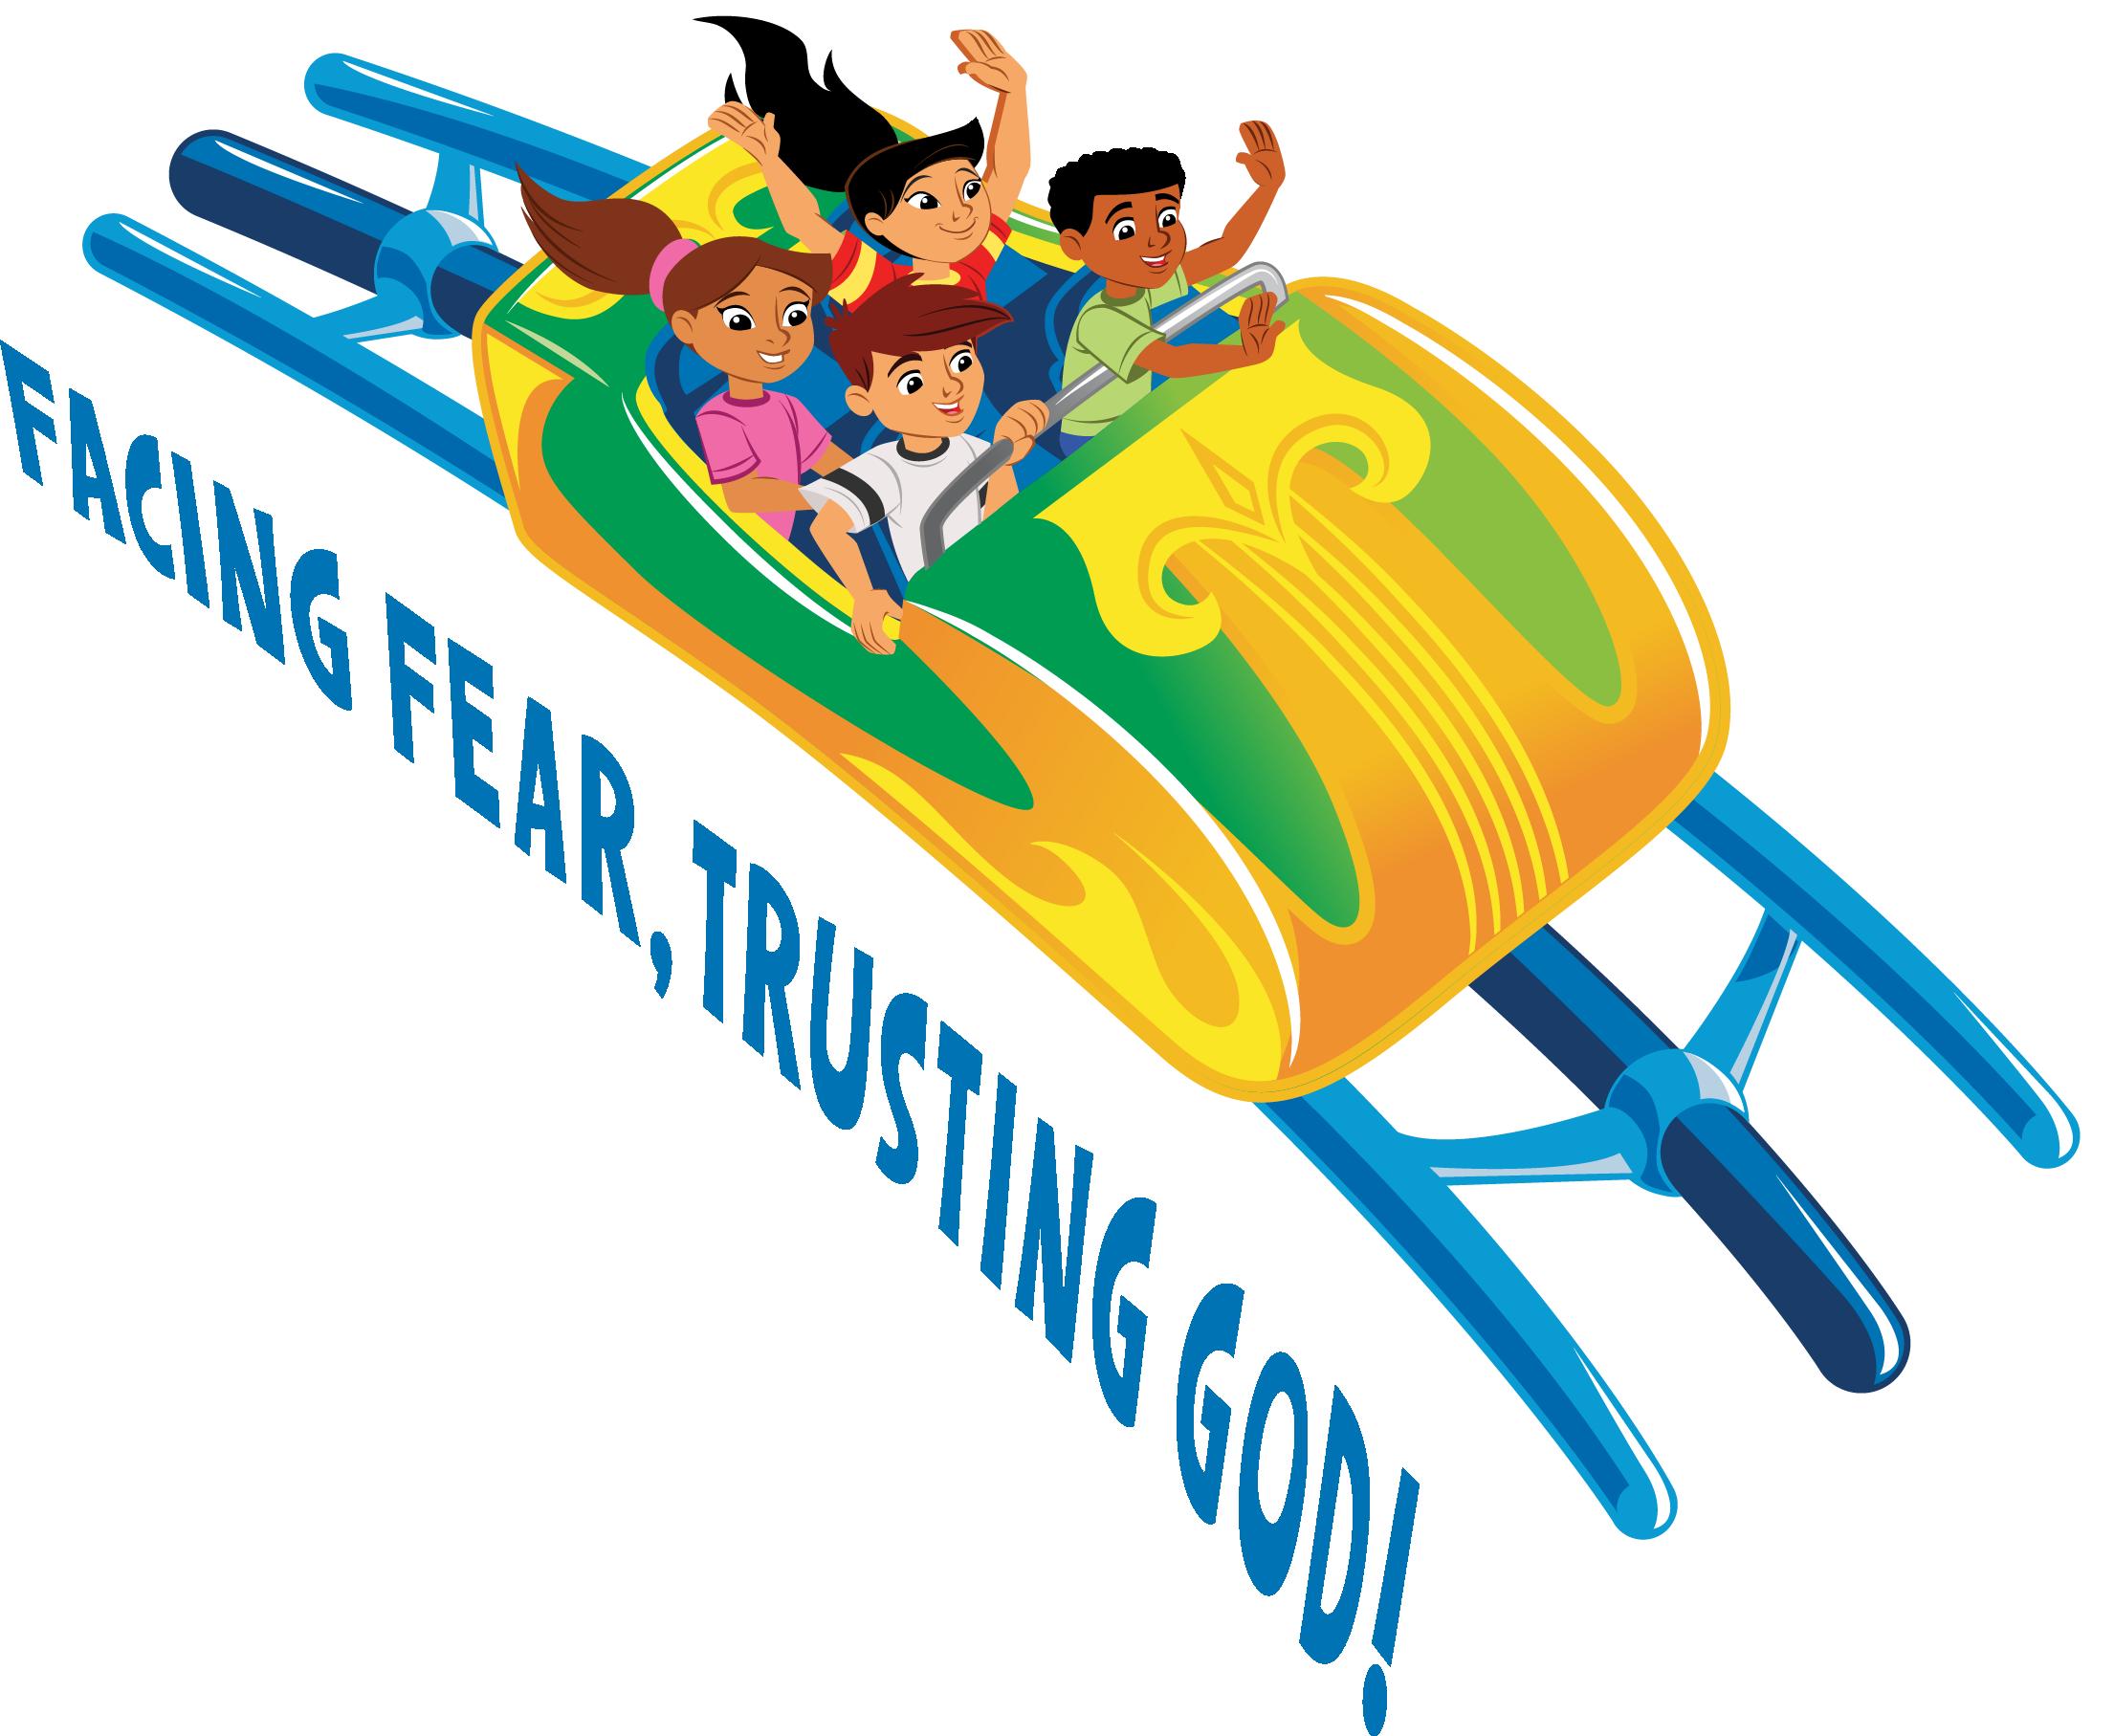 Roller coaster rolleraster clipart kids clipartfest 2